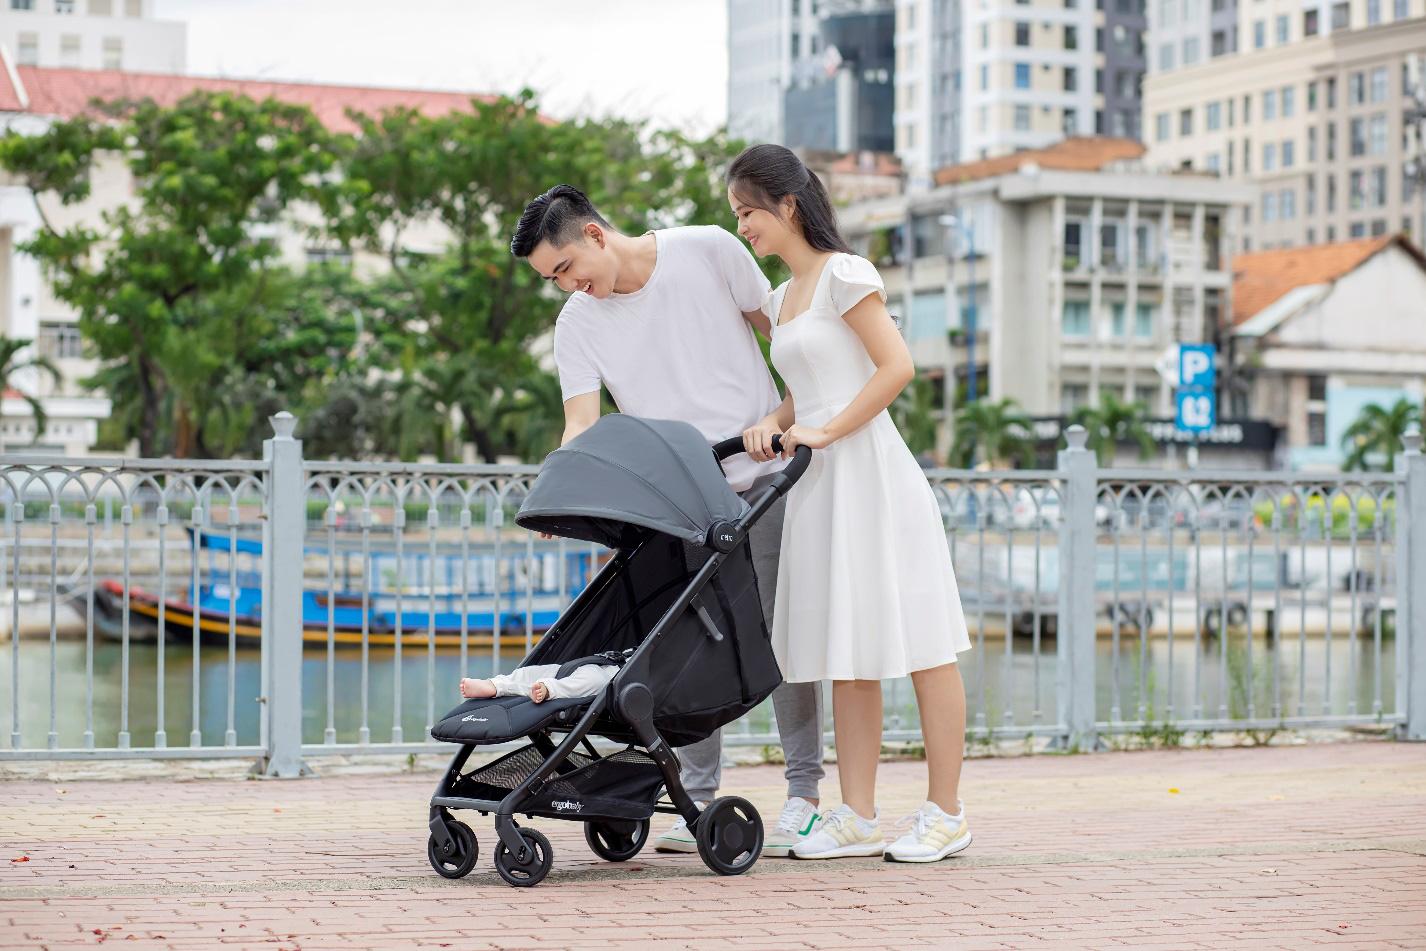 Mách mẹ cách chọn xe đẩy nhập khẩu từ mỹ thoải mái và an toàn cho con yêu - Ảnh 6.